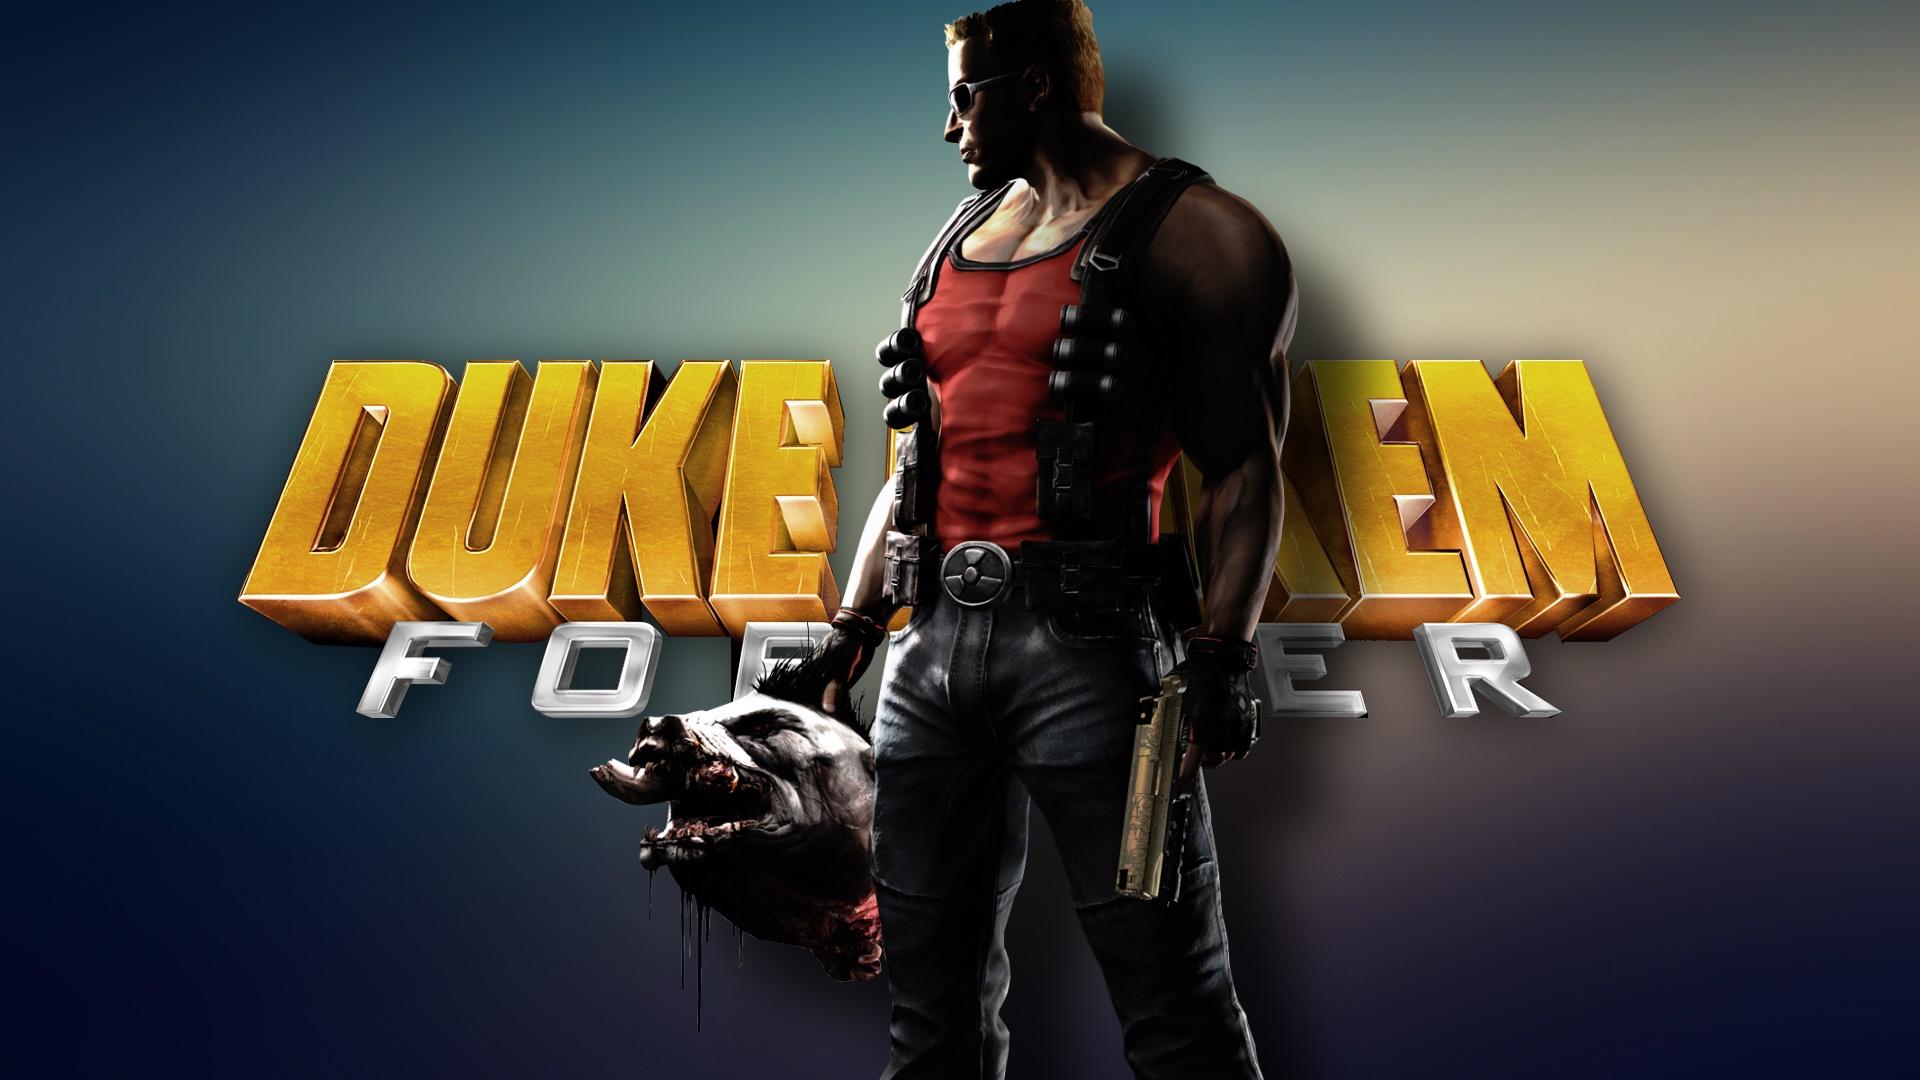 Duke Nukem Forever HD Wallpapers In Jpg Format For Free Download